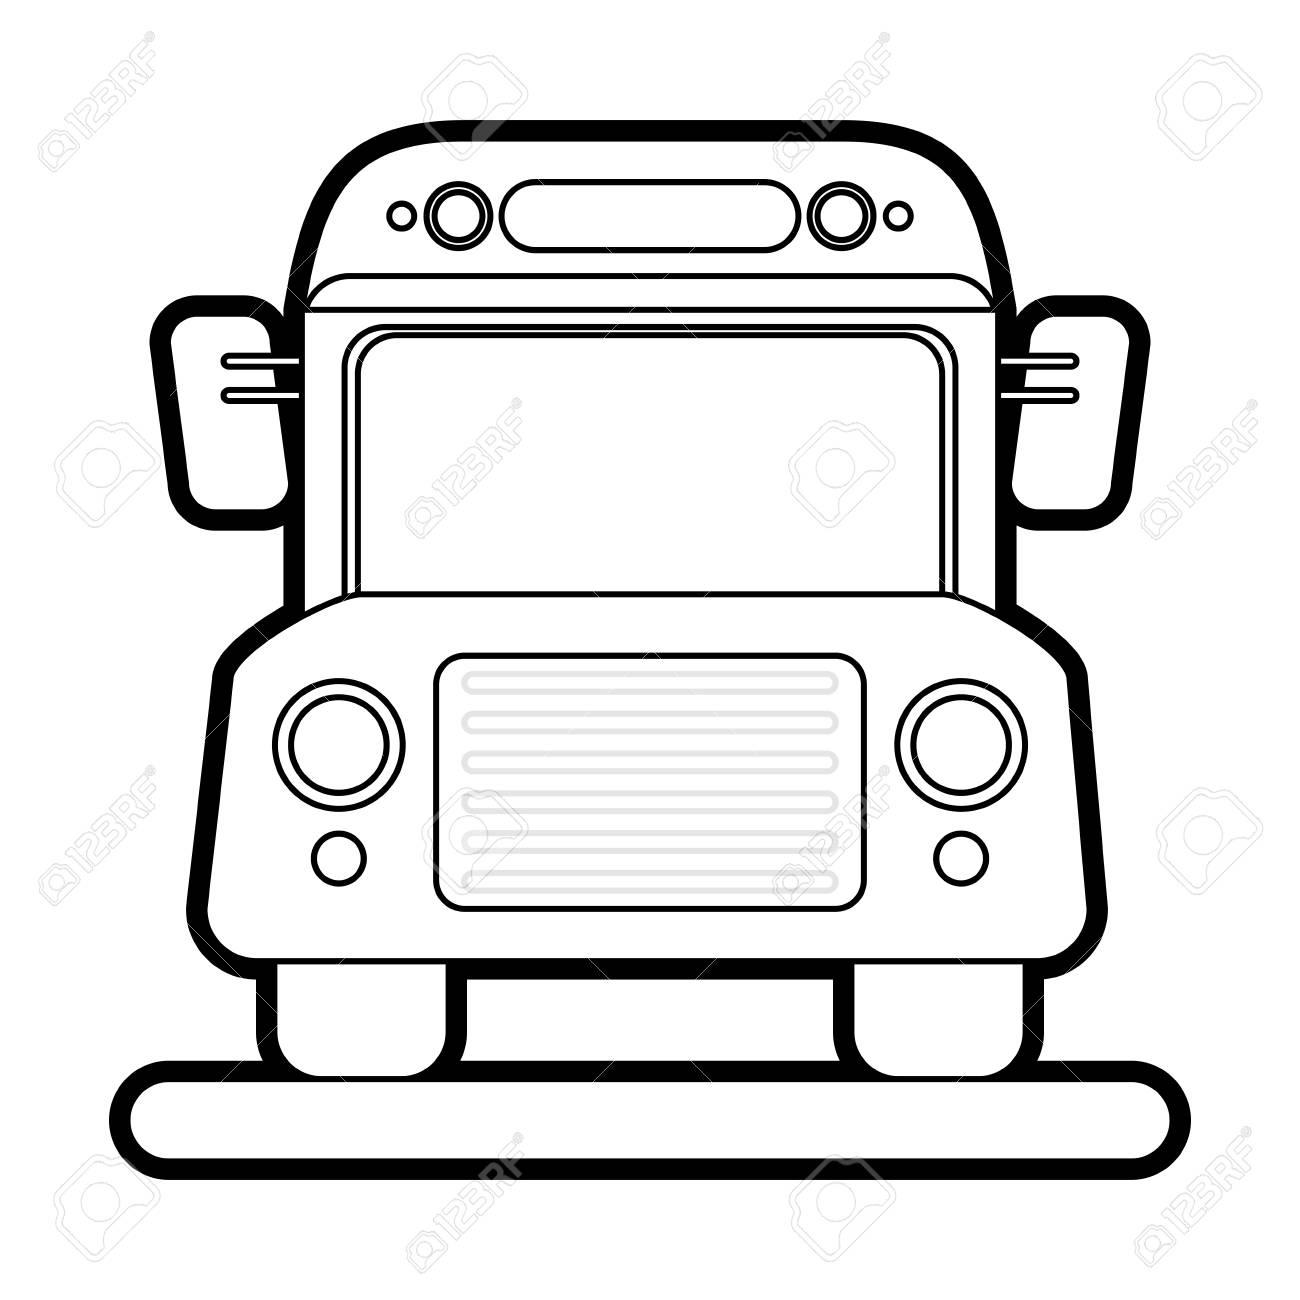 Bus Transport Scolaire Dessin Animé Peinture Vecteur Illustration Design Graphique